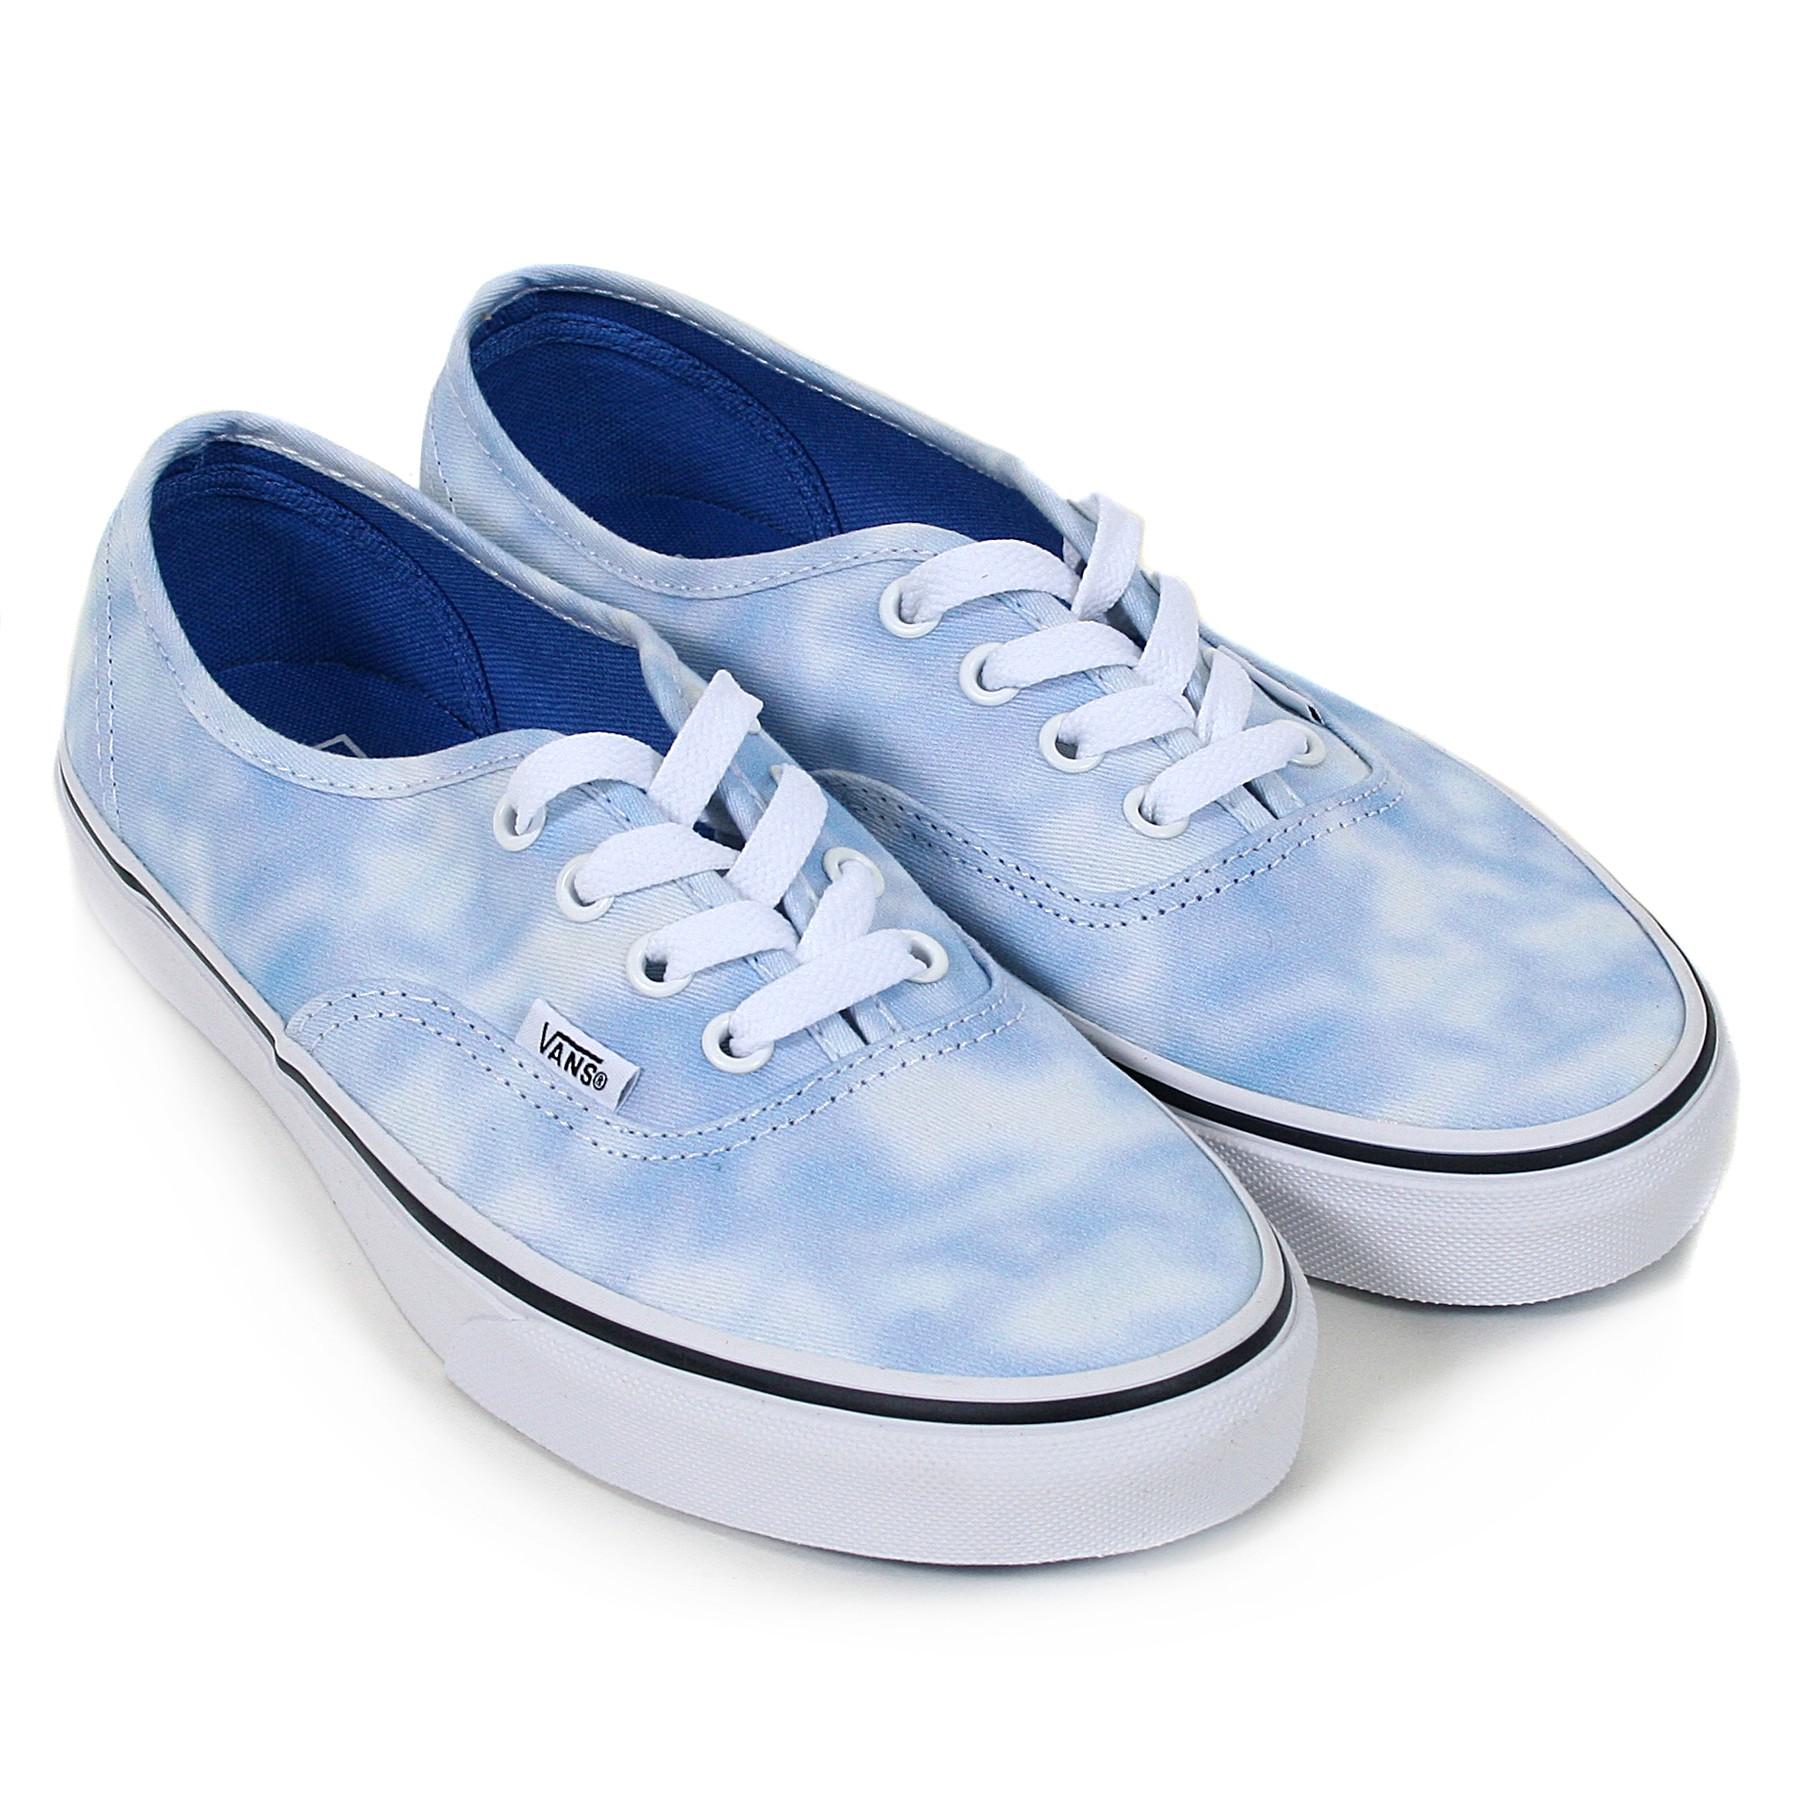 Tie Palace Blue Shoes Authentic Vans Dye w0C78q